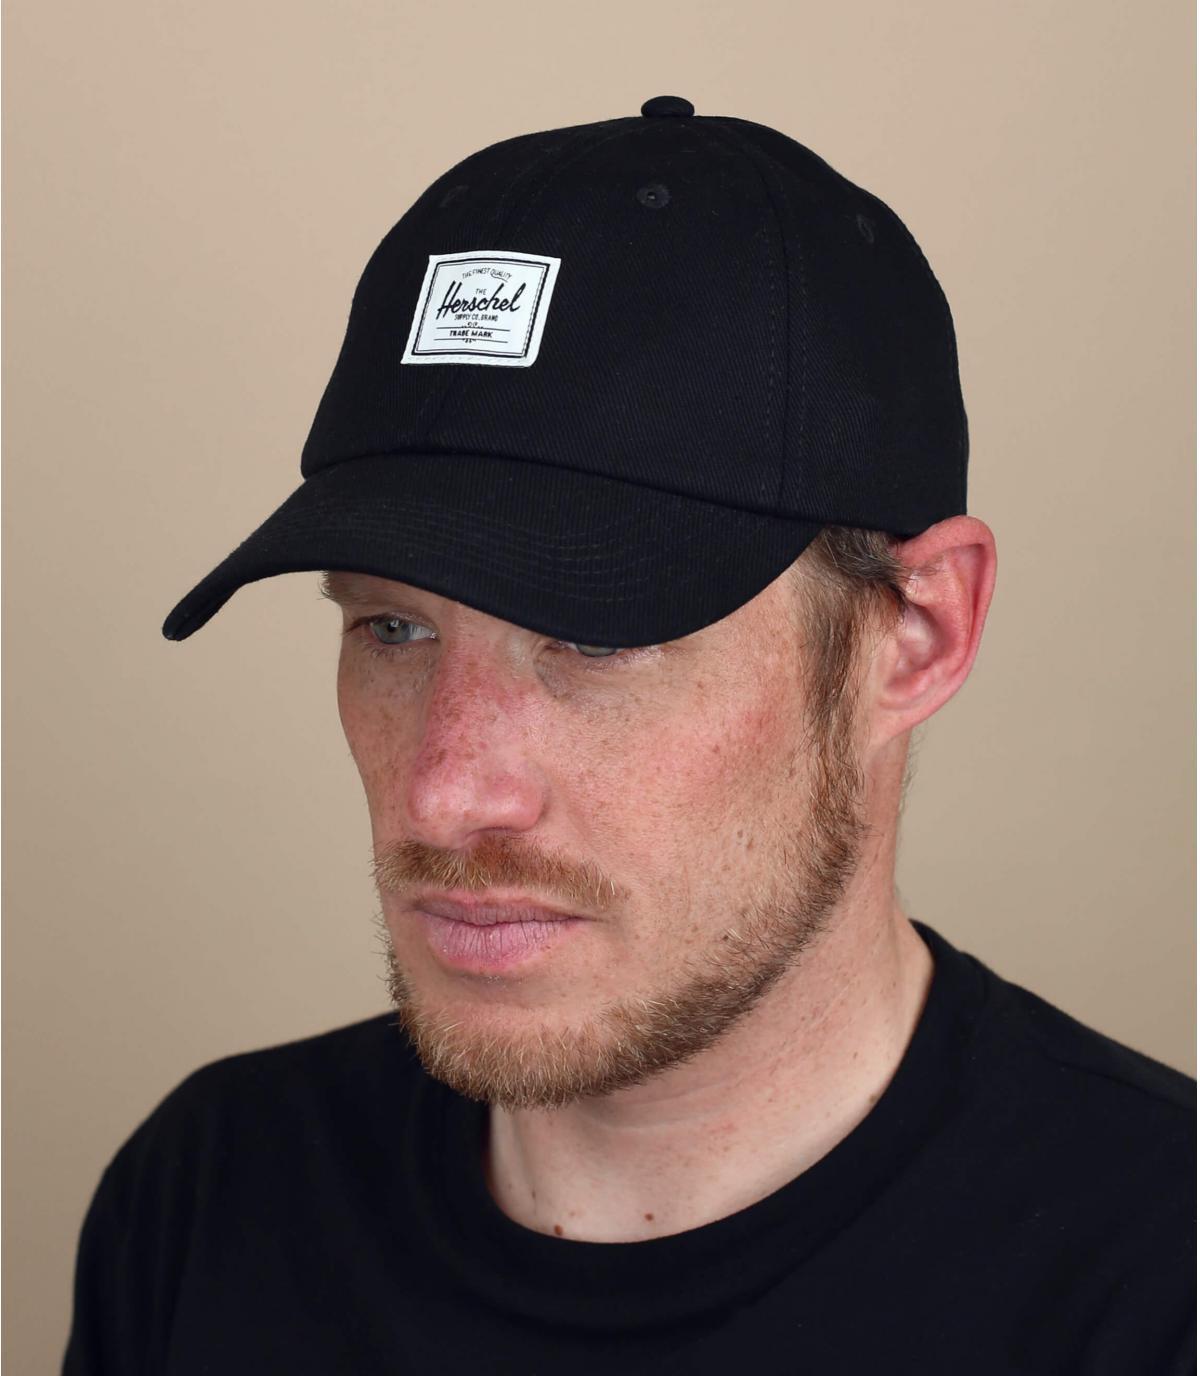 cappellino Herschel denim nero